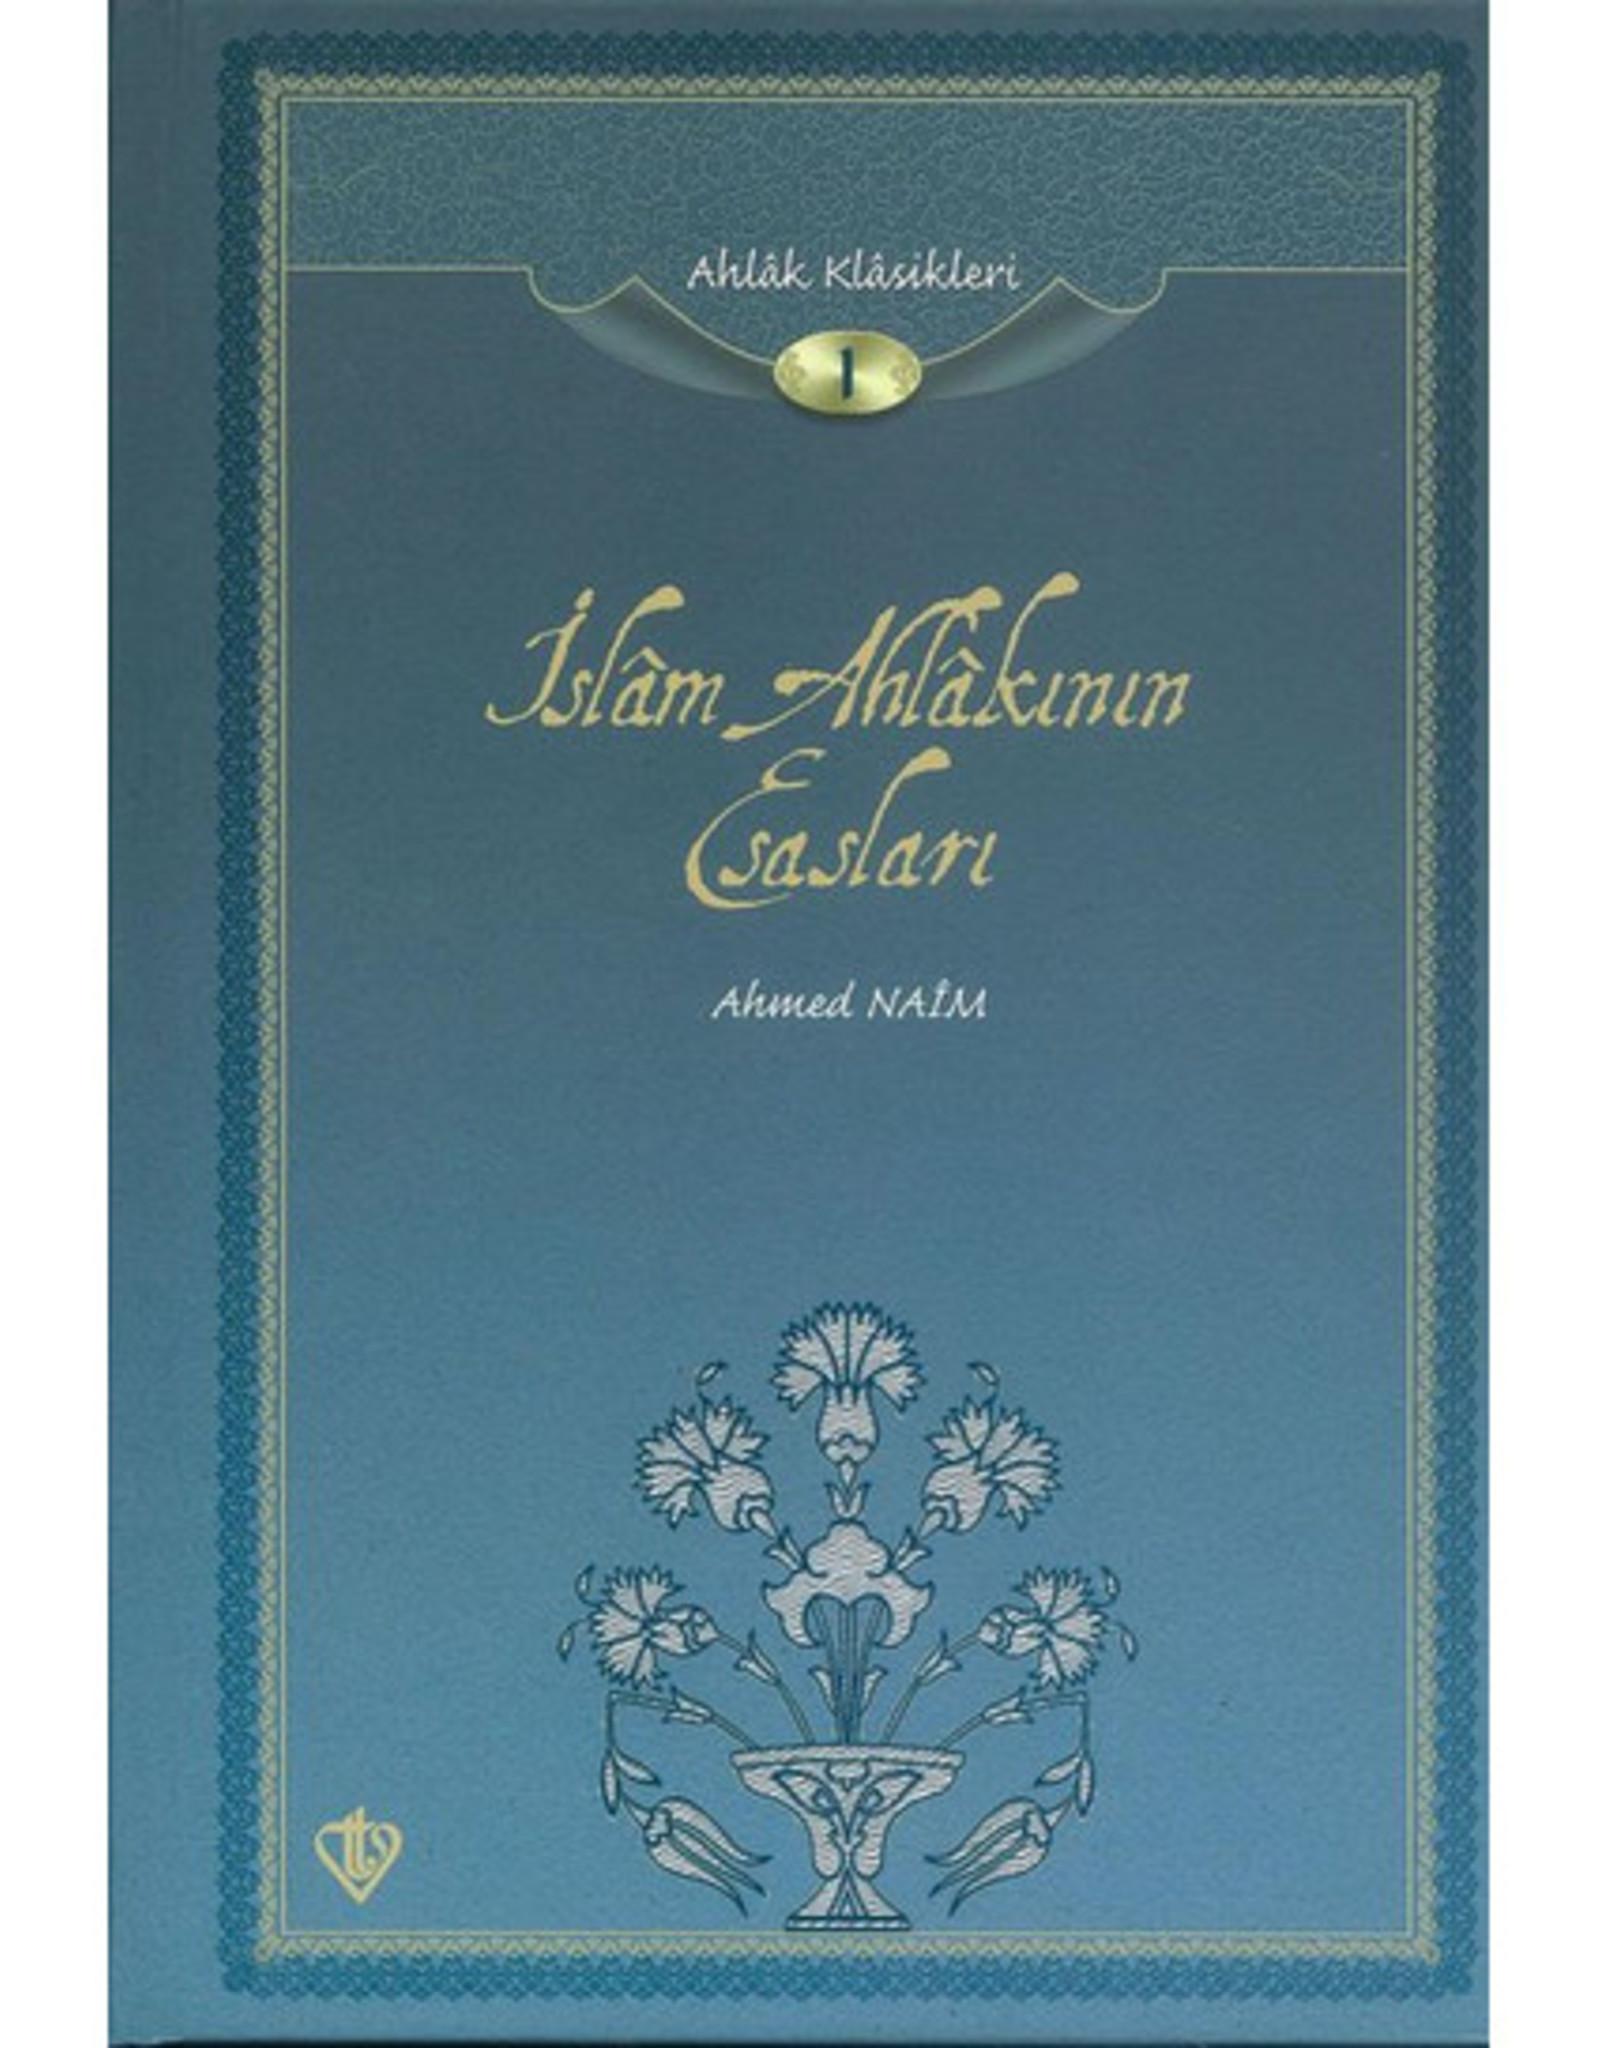 İslam Ahlakının Esasları- Ahlak Klasikleri 1